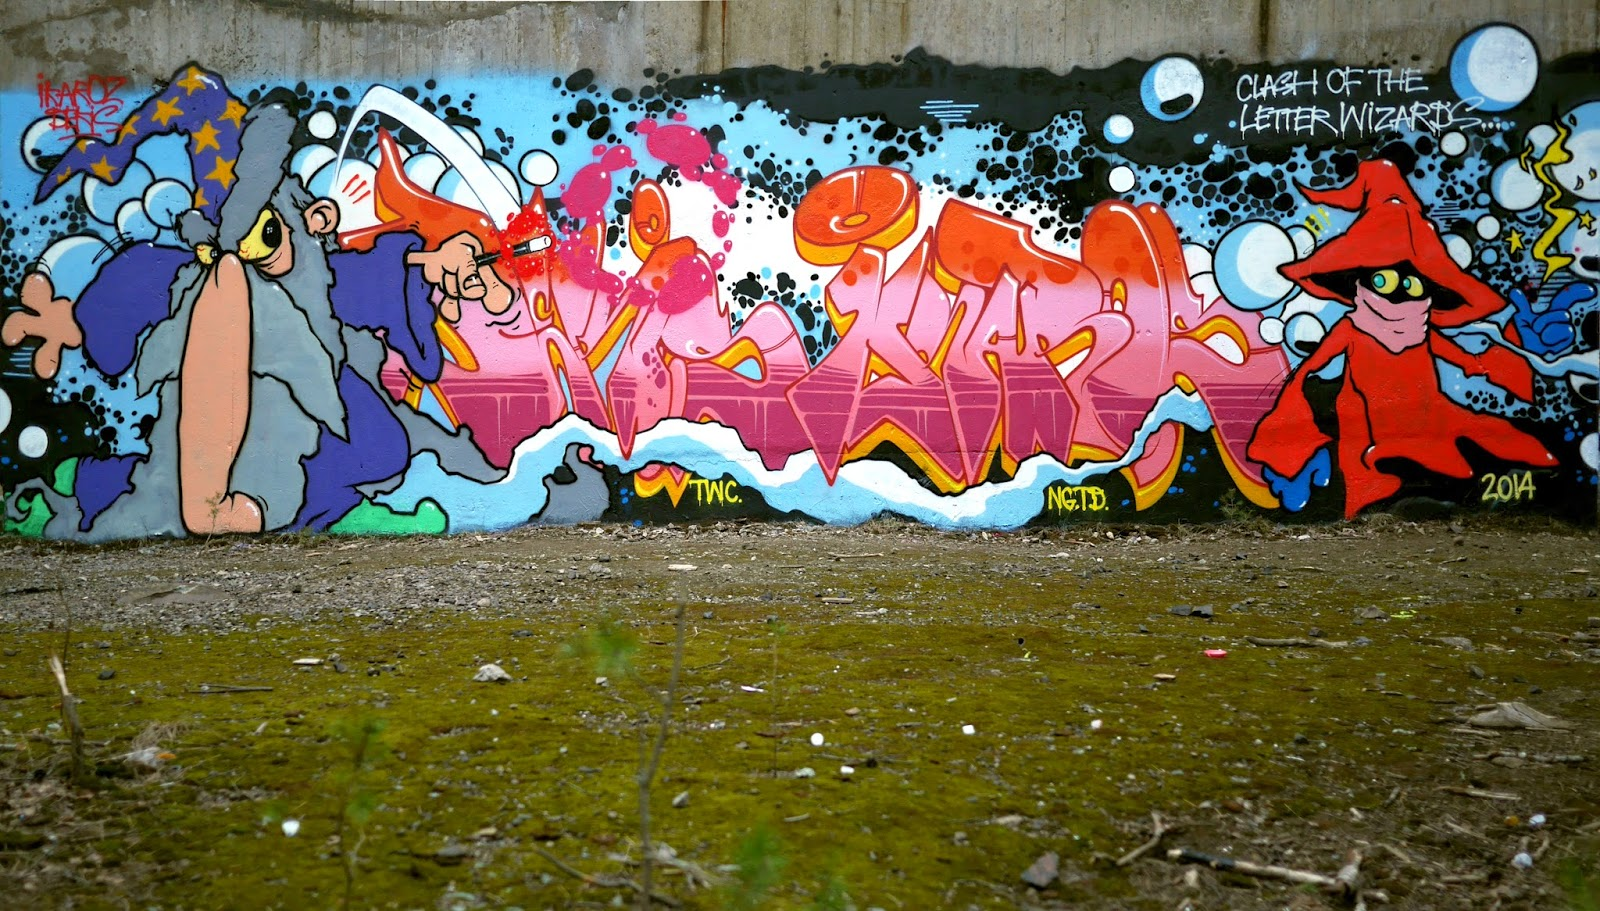 SprayDaily_Graffiti_Dekis_Ikaros